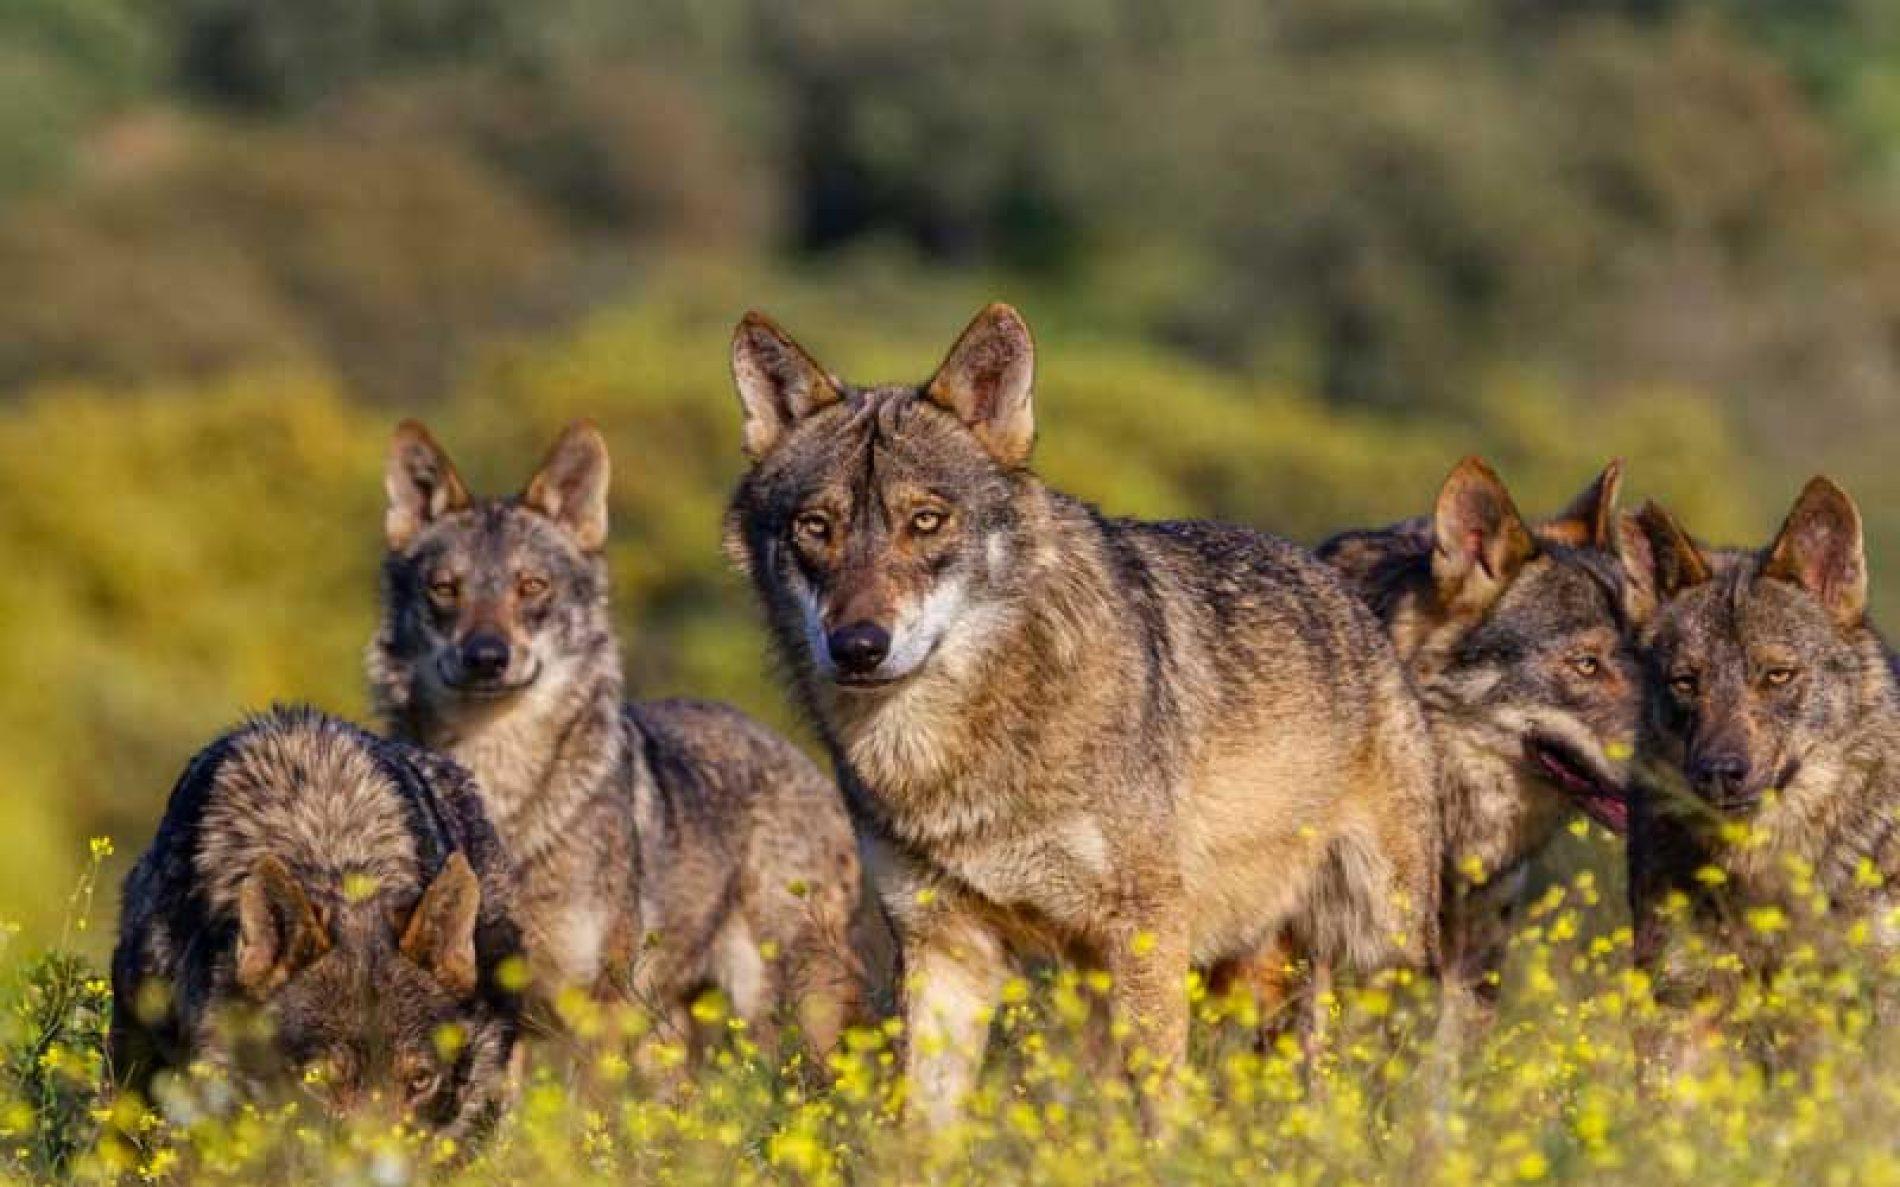 La Plataforma Ganader@ Viv@ rechaza la protección del lobo y advierte de sus consecuencias para el mundo rural